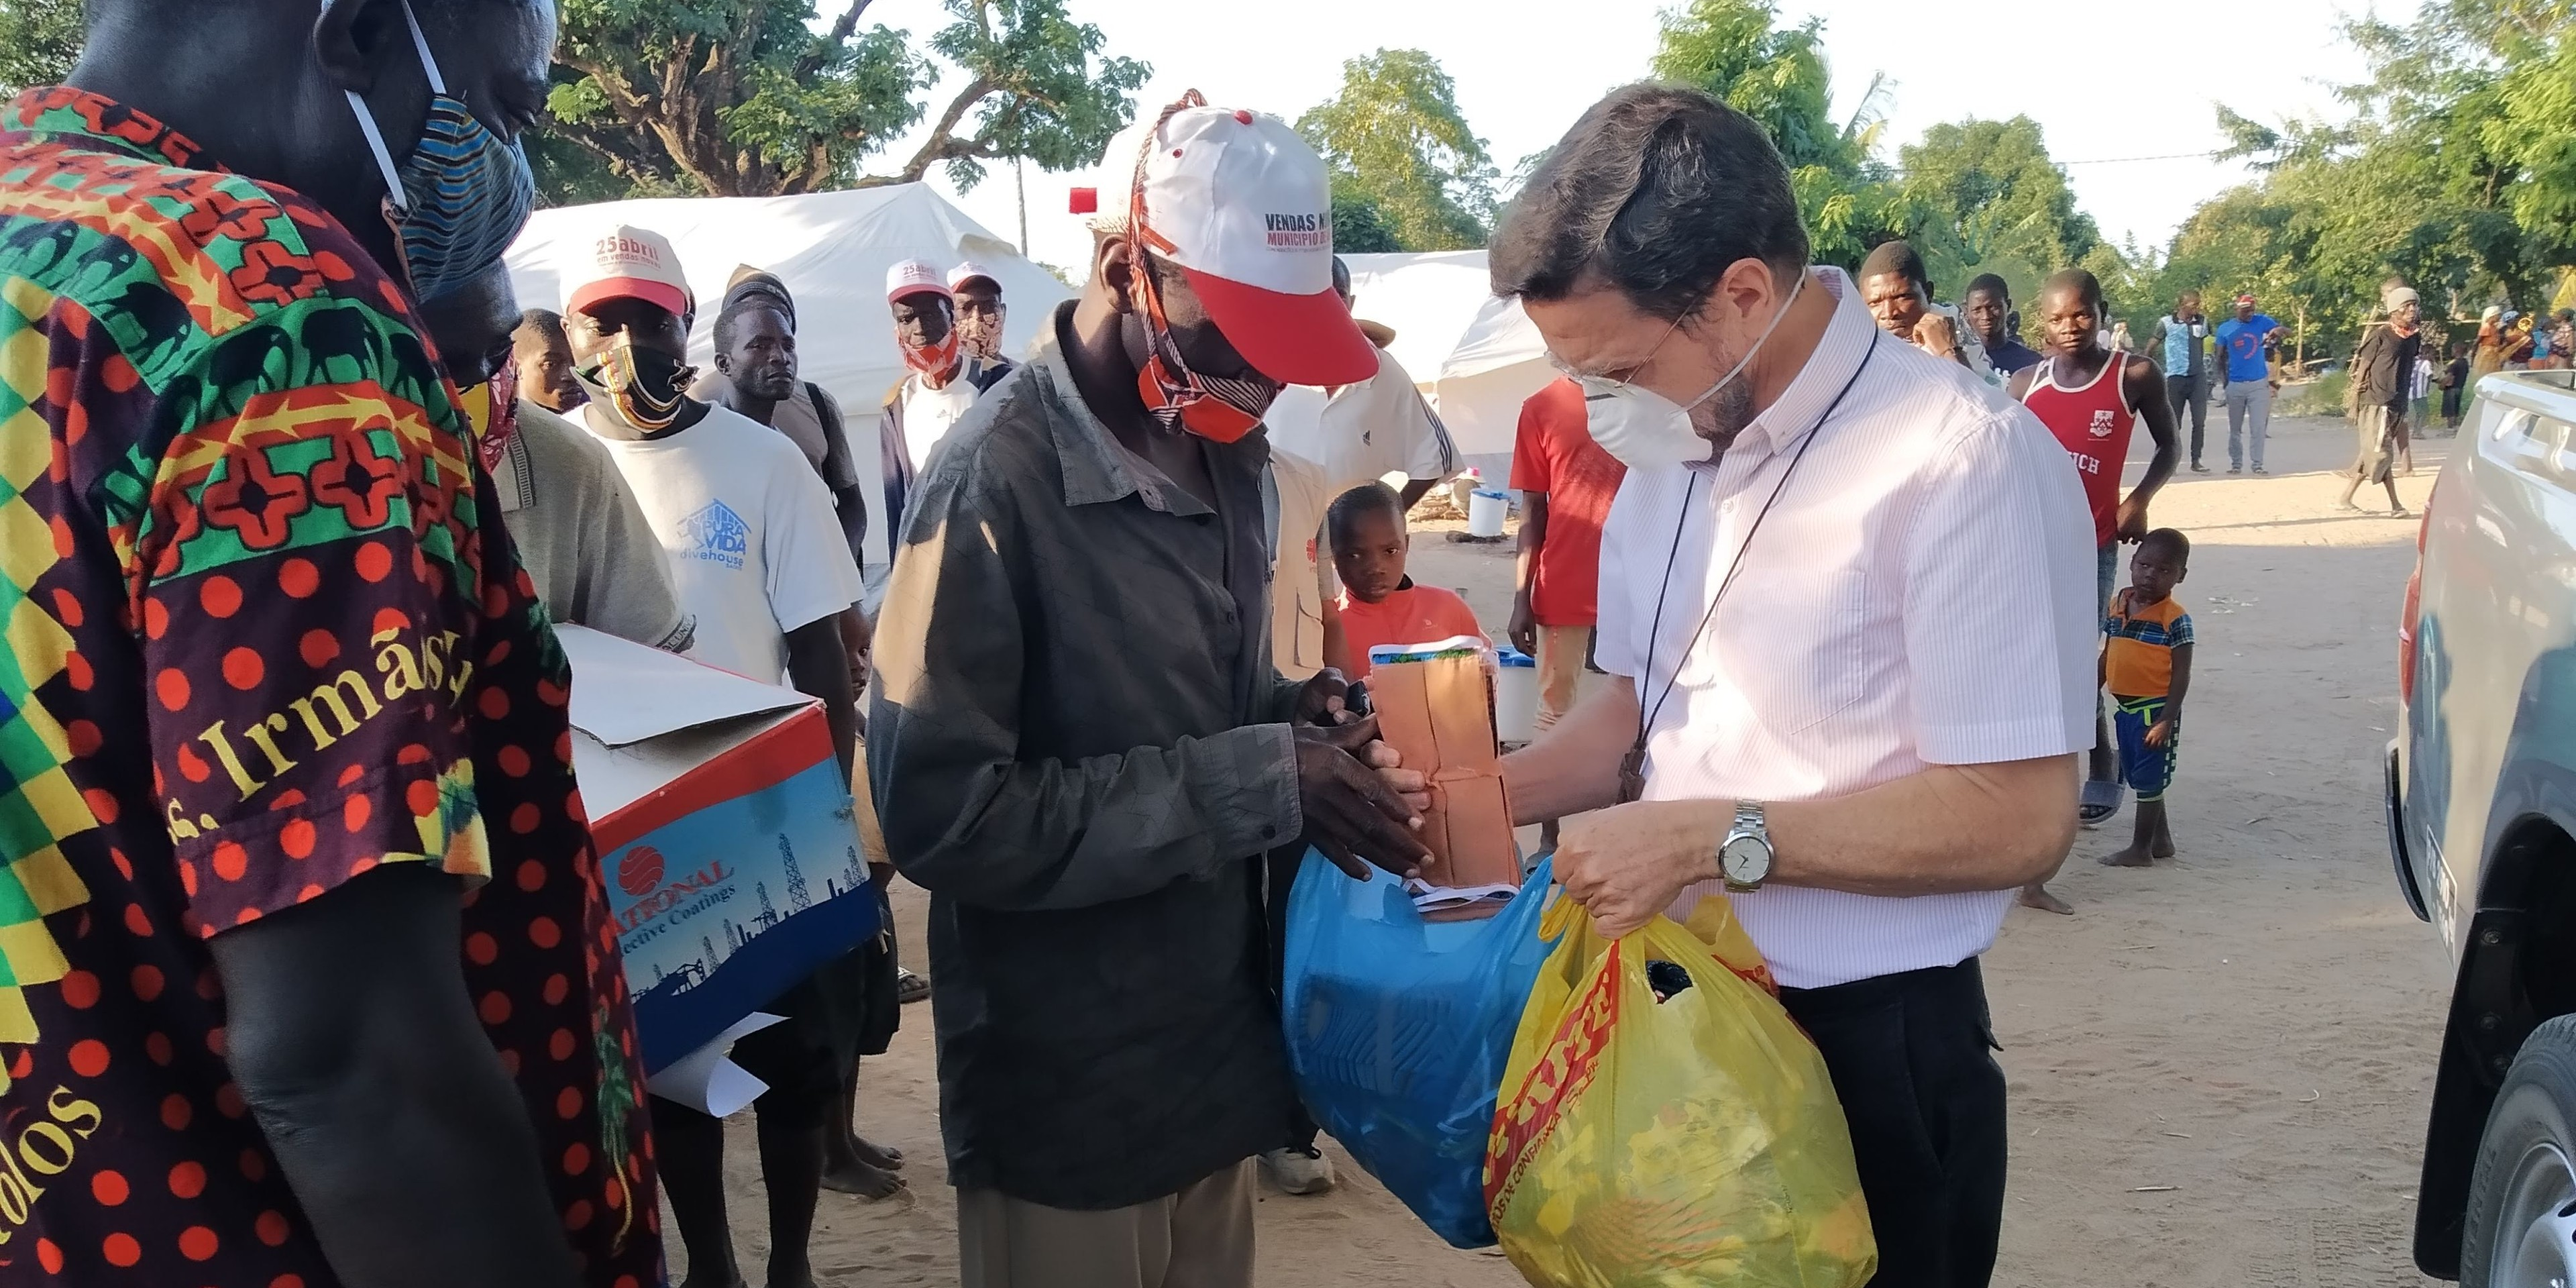 Le sort des chrétiens en 2020, beaucoup d'ombres et quelques lumières ACN-MOZAMBIQUE-20200825-104219